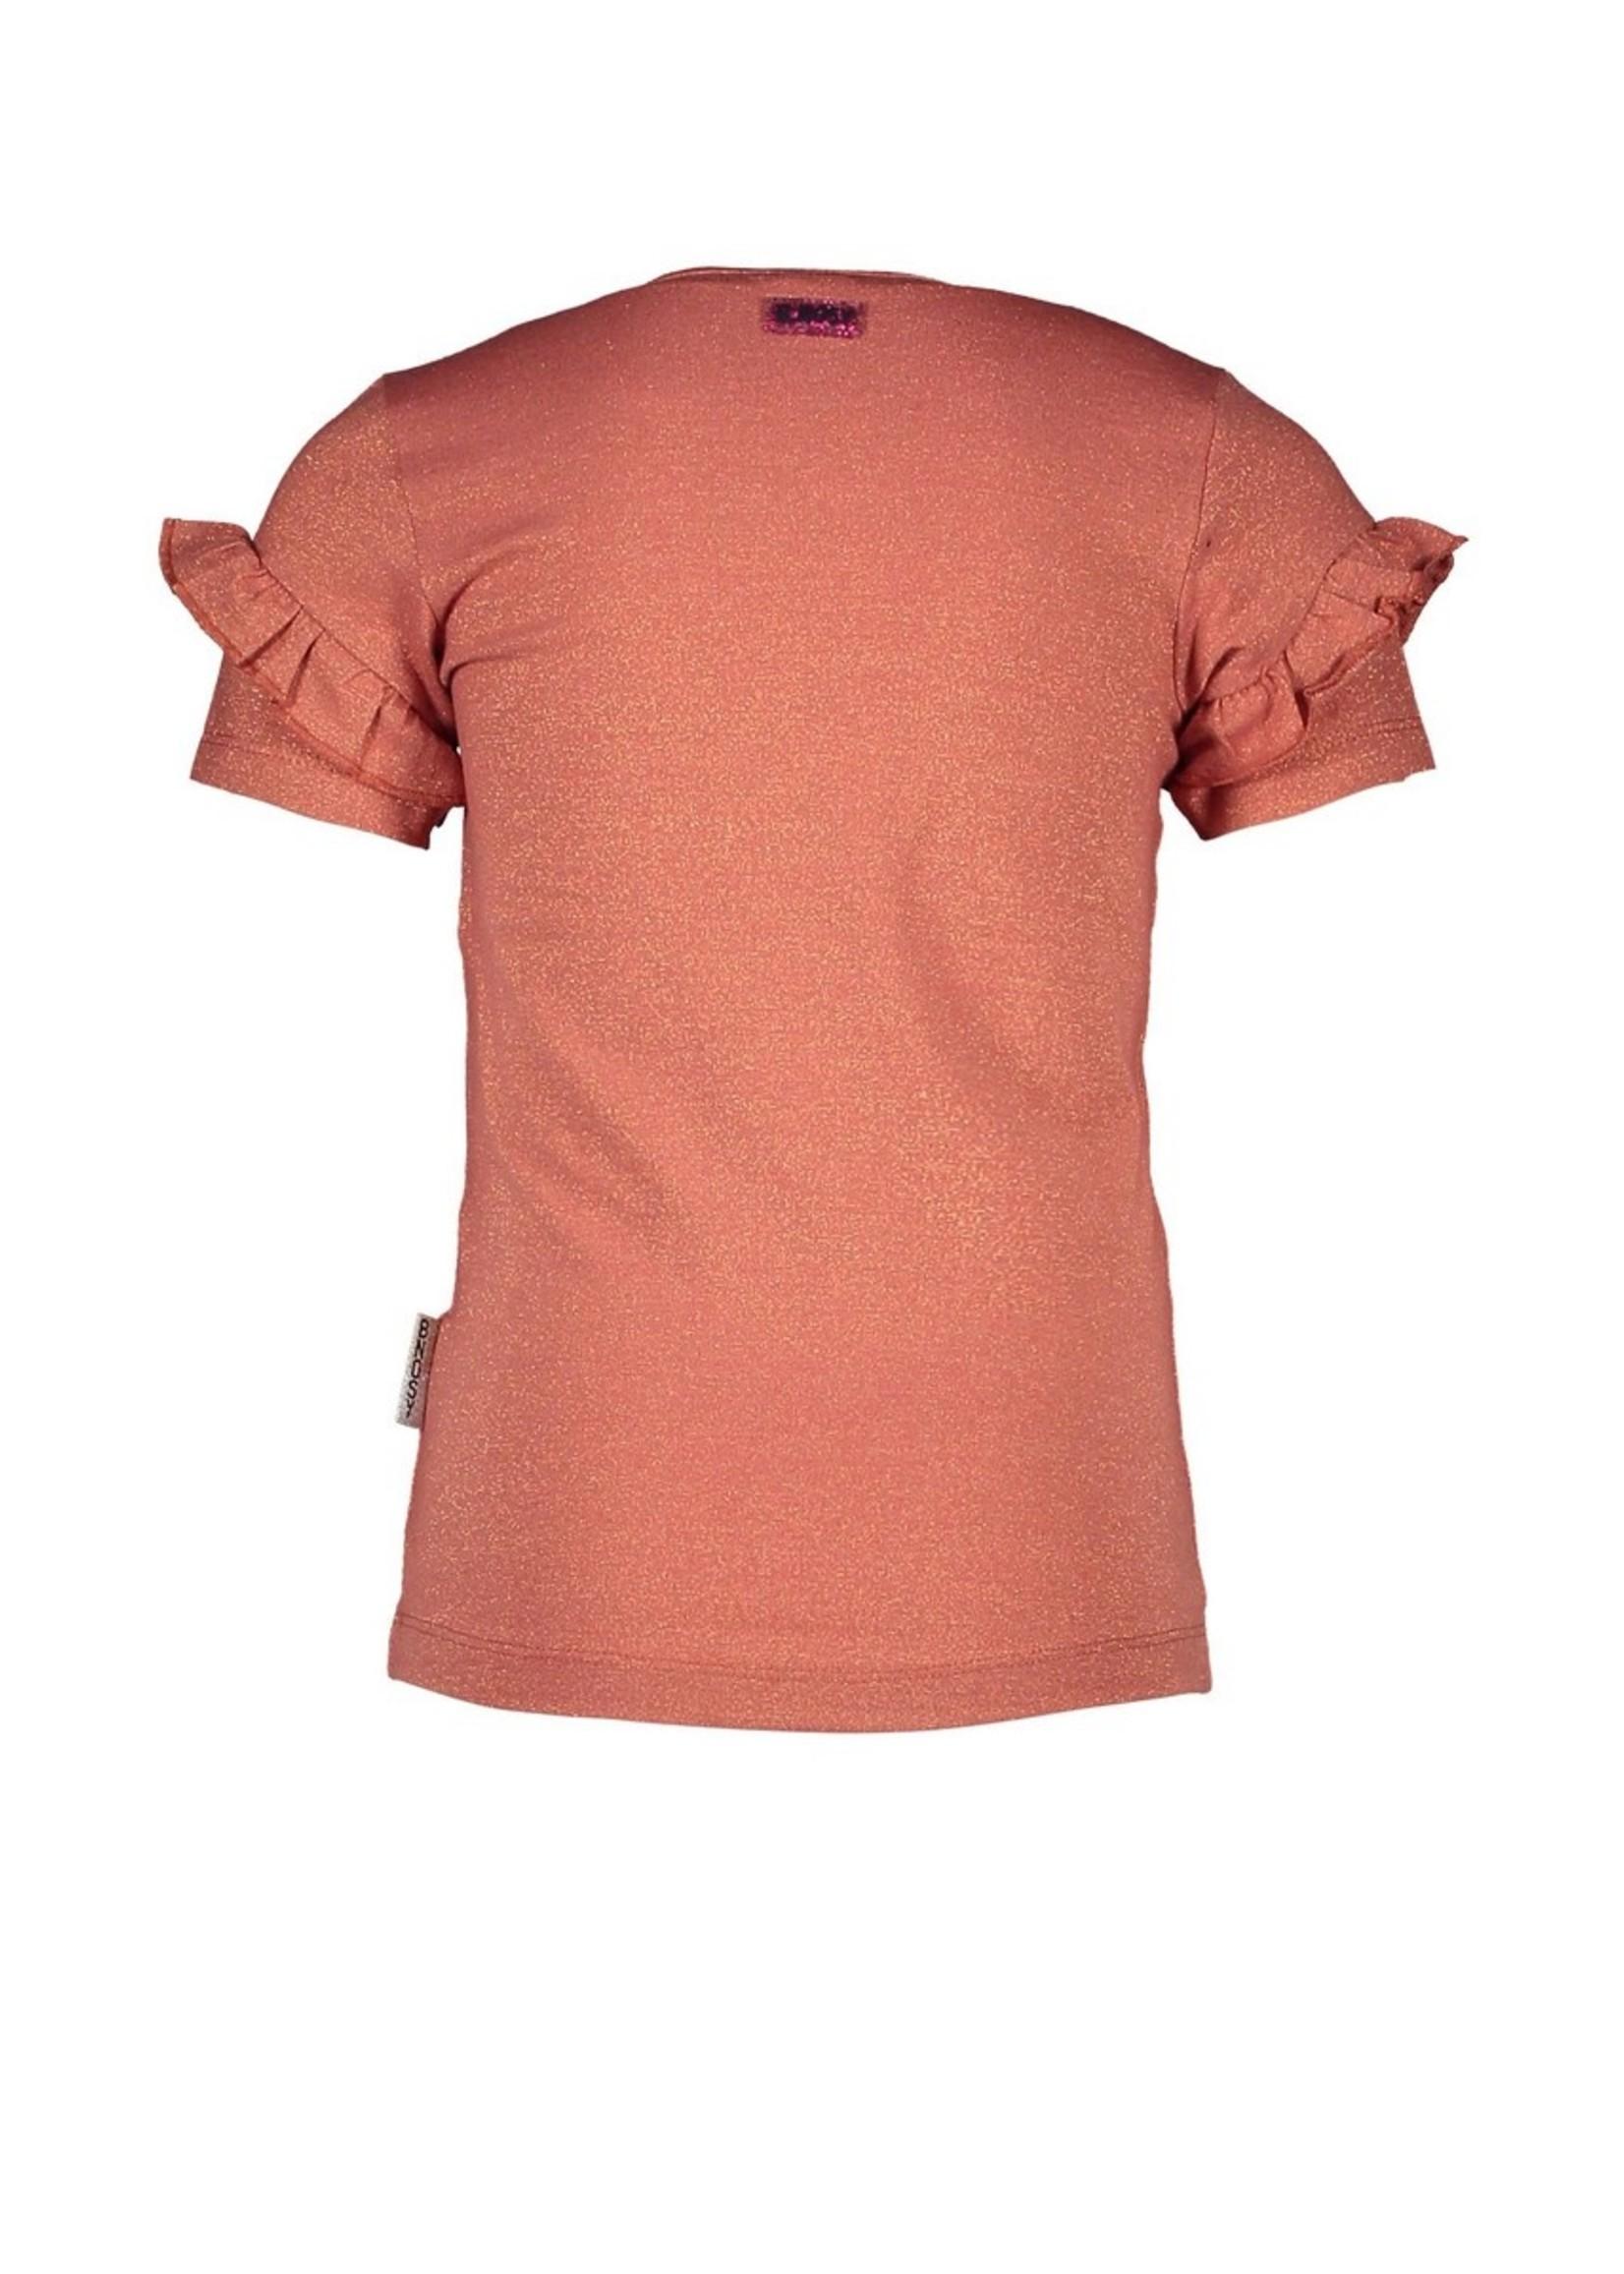 B.nosy Shirt Pale Brown